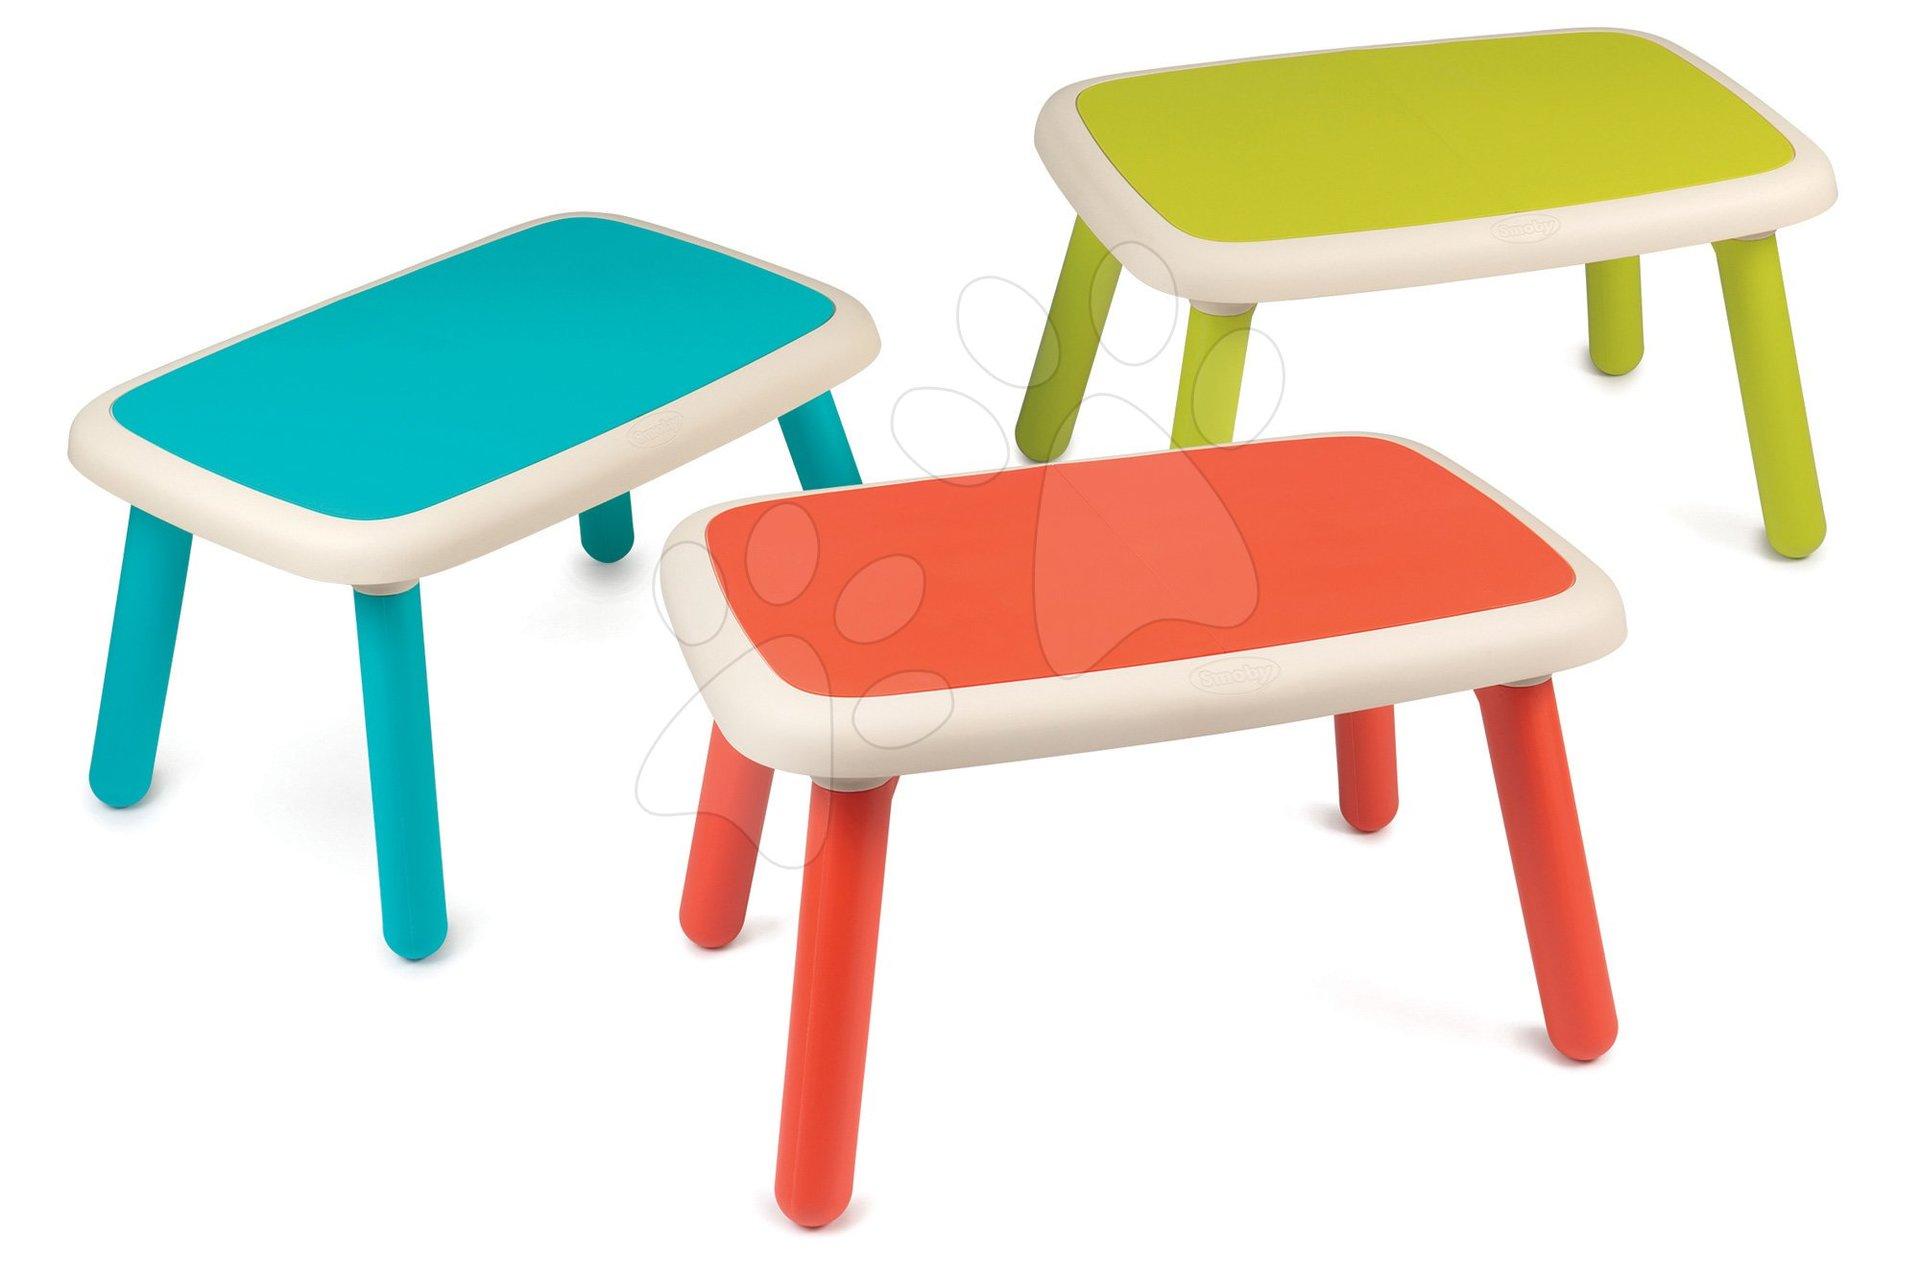 Sada 3 stolů pro děti KidTable Smoby zelená/modrá/červená s UV filtrem od 18 měsíců